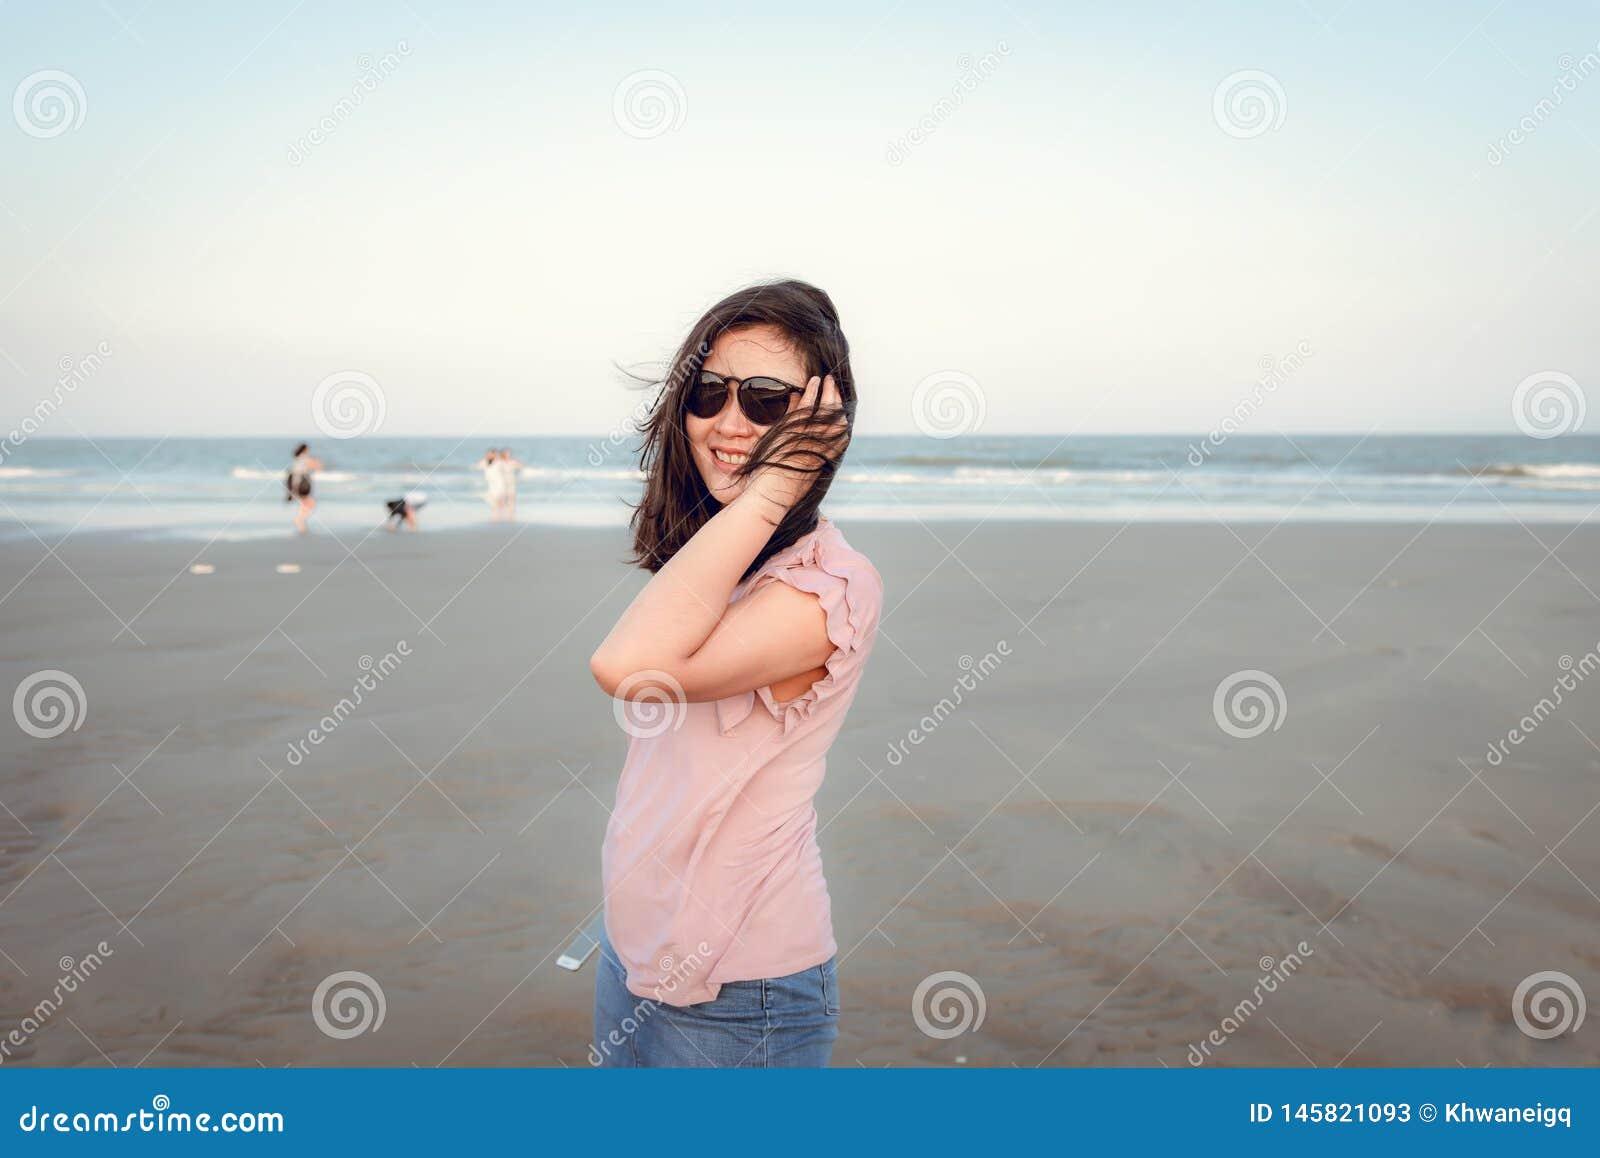 Portr?t der h?bschen Frau ist, entspannend genie?end und auf dem Strand in der Ferien-Zeit, asiatisches M?dchen-Gl?ck-Gef?hl im R